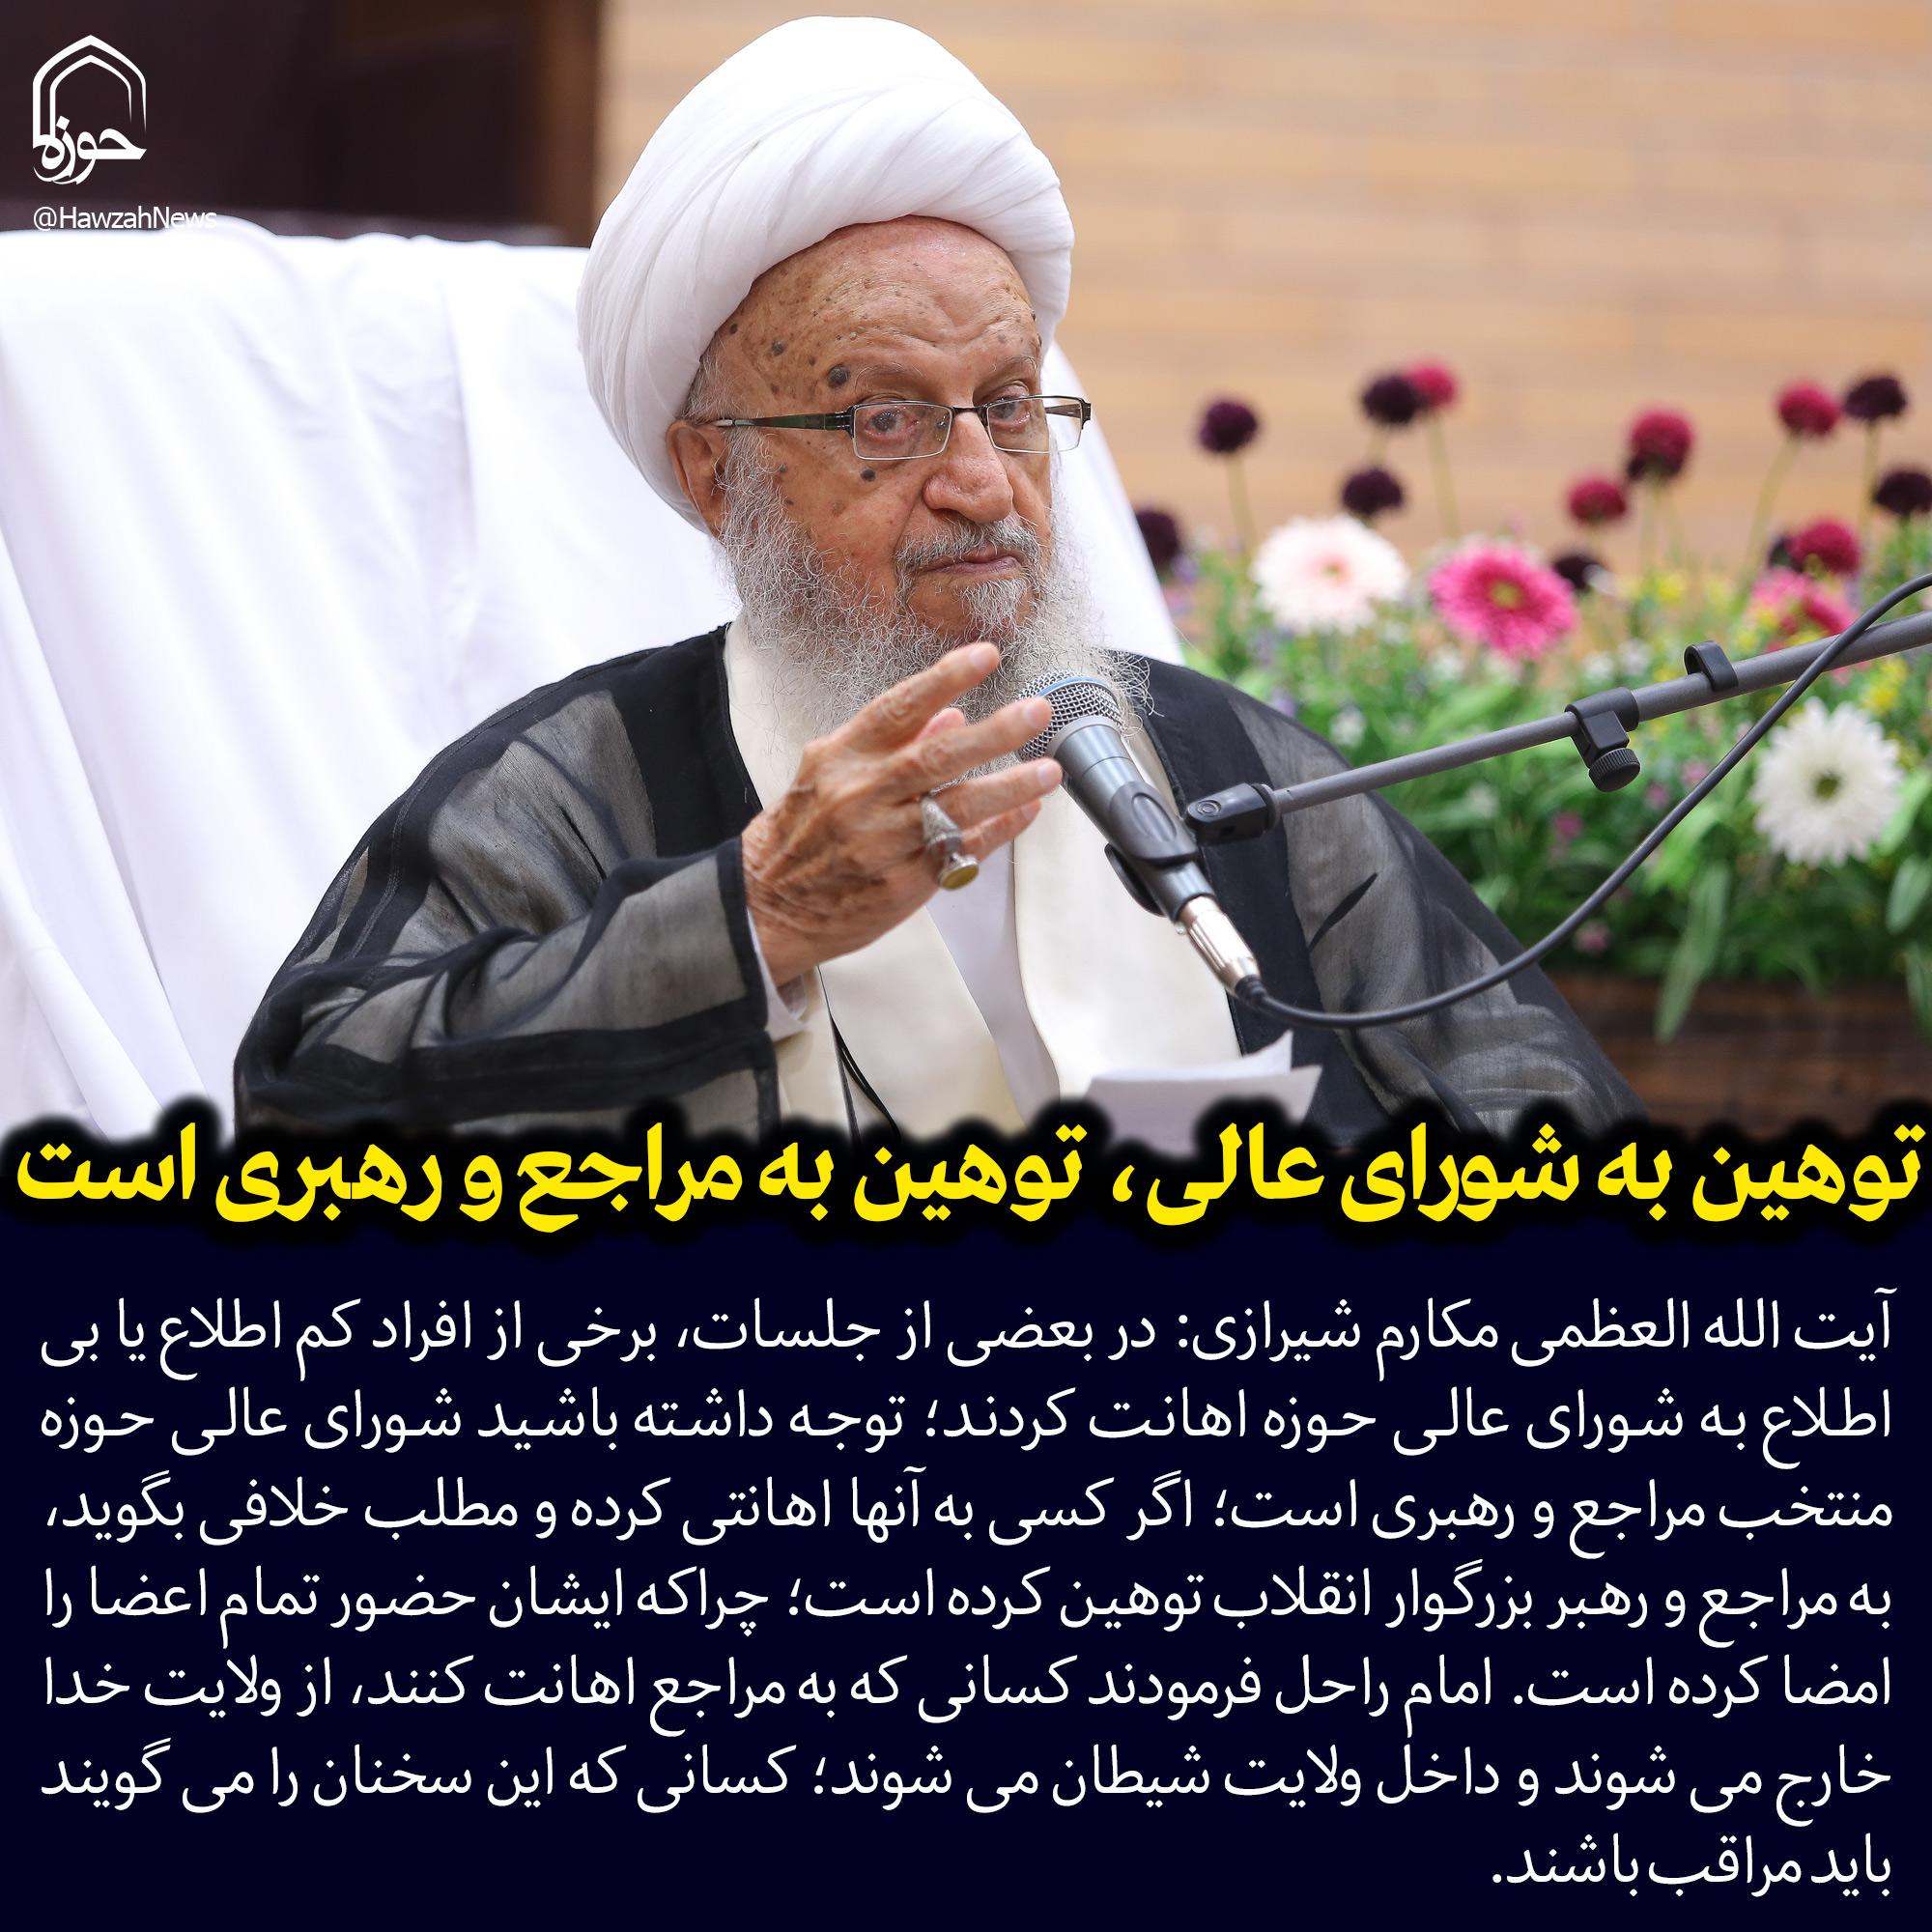 عکس نوشته/ توهین به شورای عالی حوزه، توهین به مراجع و رهبری است